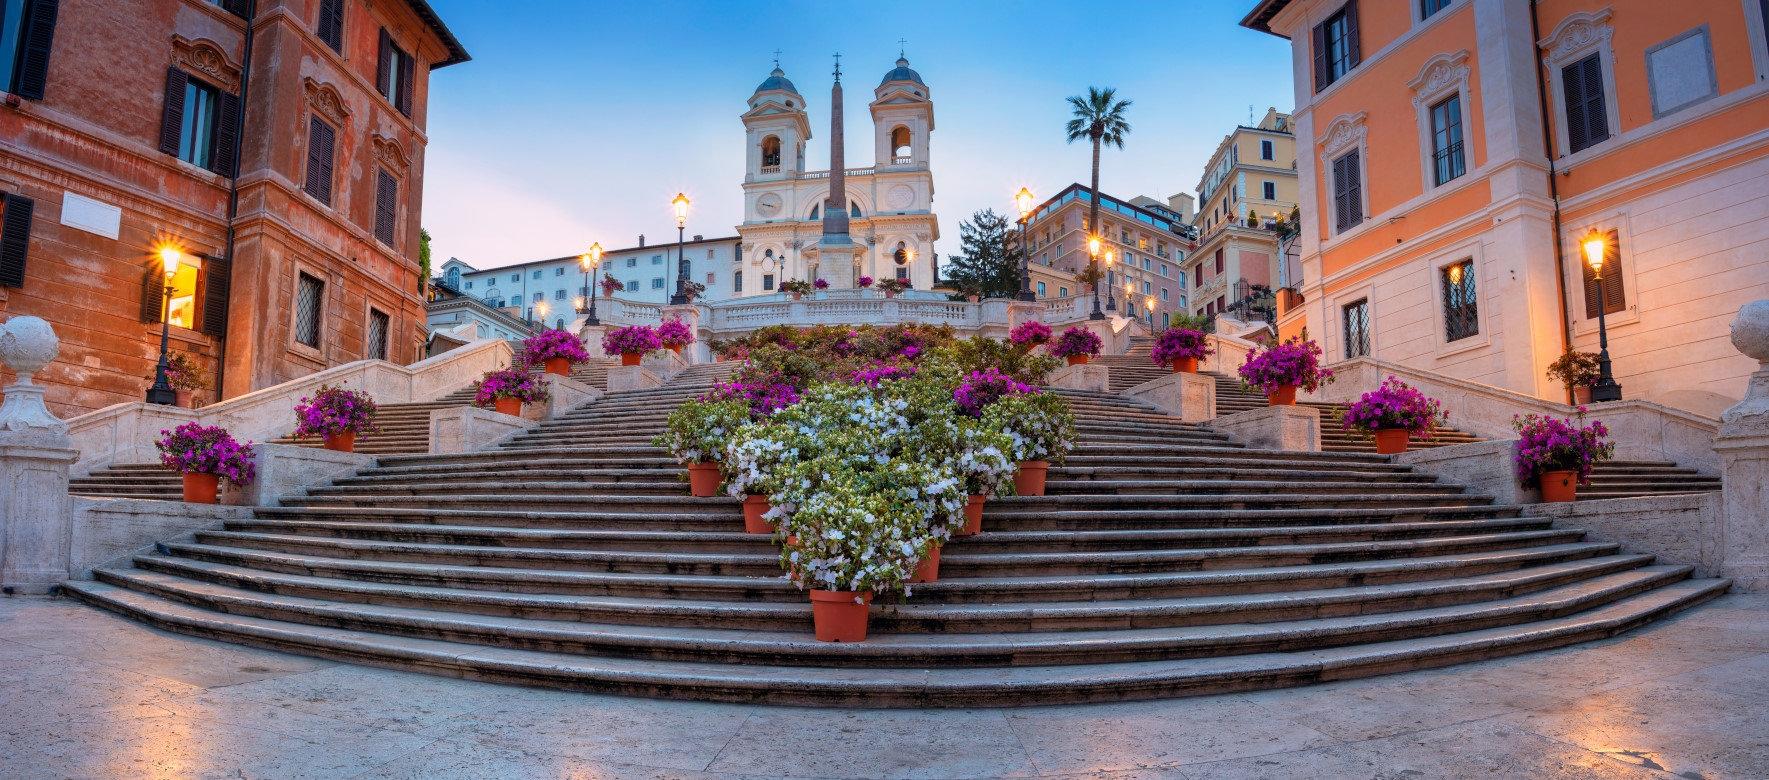 ايطاليا روما اهم الاماكن السياحيه السلالم الاسبانيه